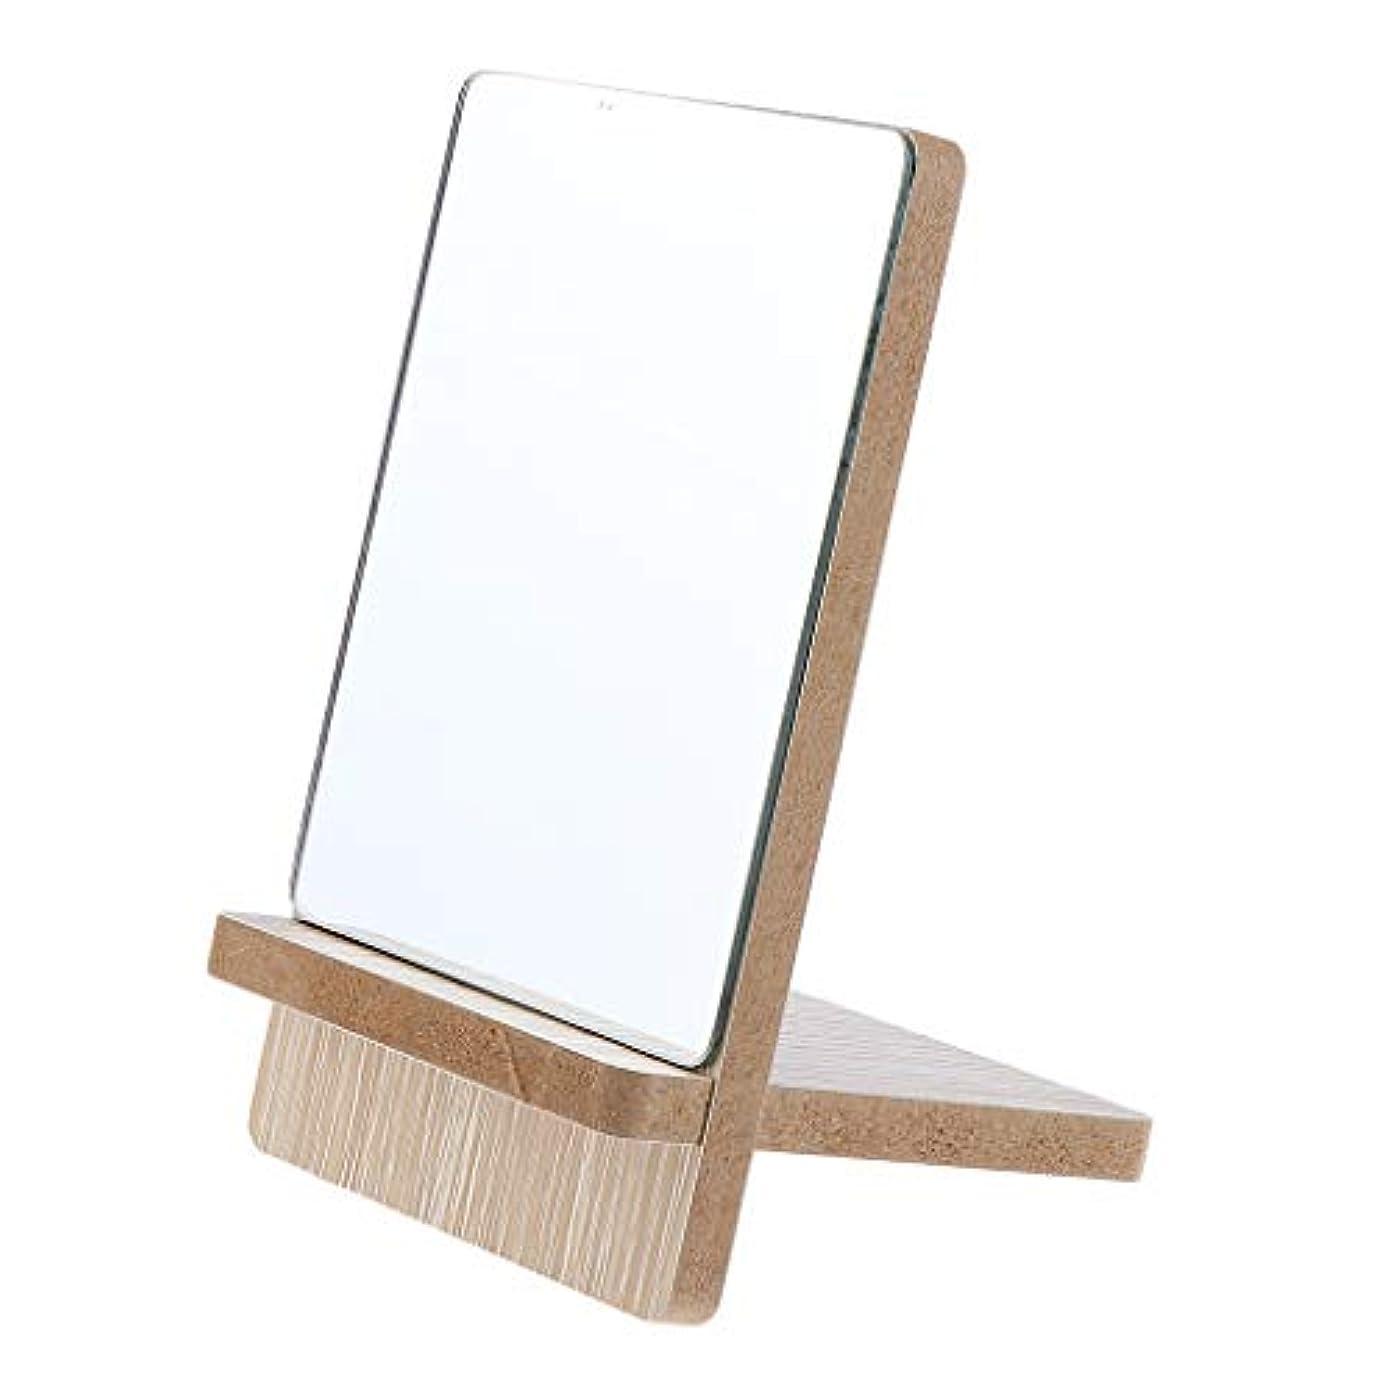 蒸確立再生化粧鏡 スタンド 卓上 メイクアップミラー 立てミラー バニティミラー 折りたたみ 3サイズ選べ - 小